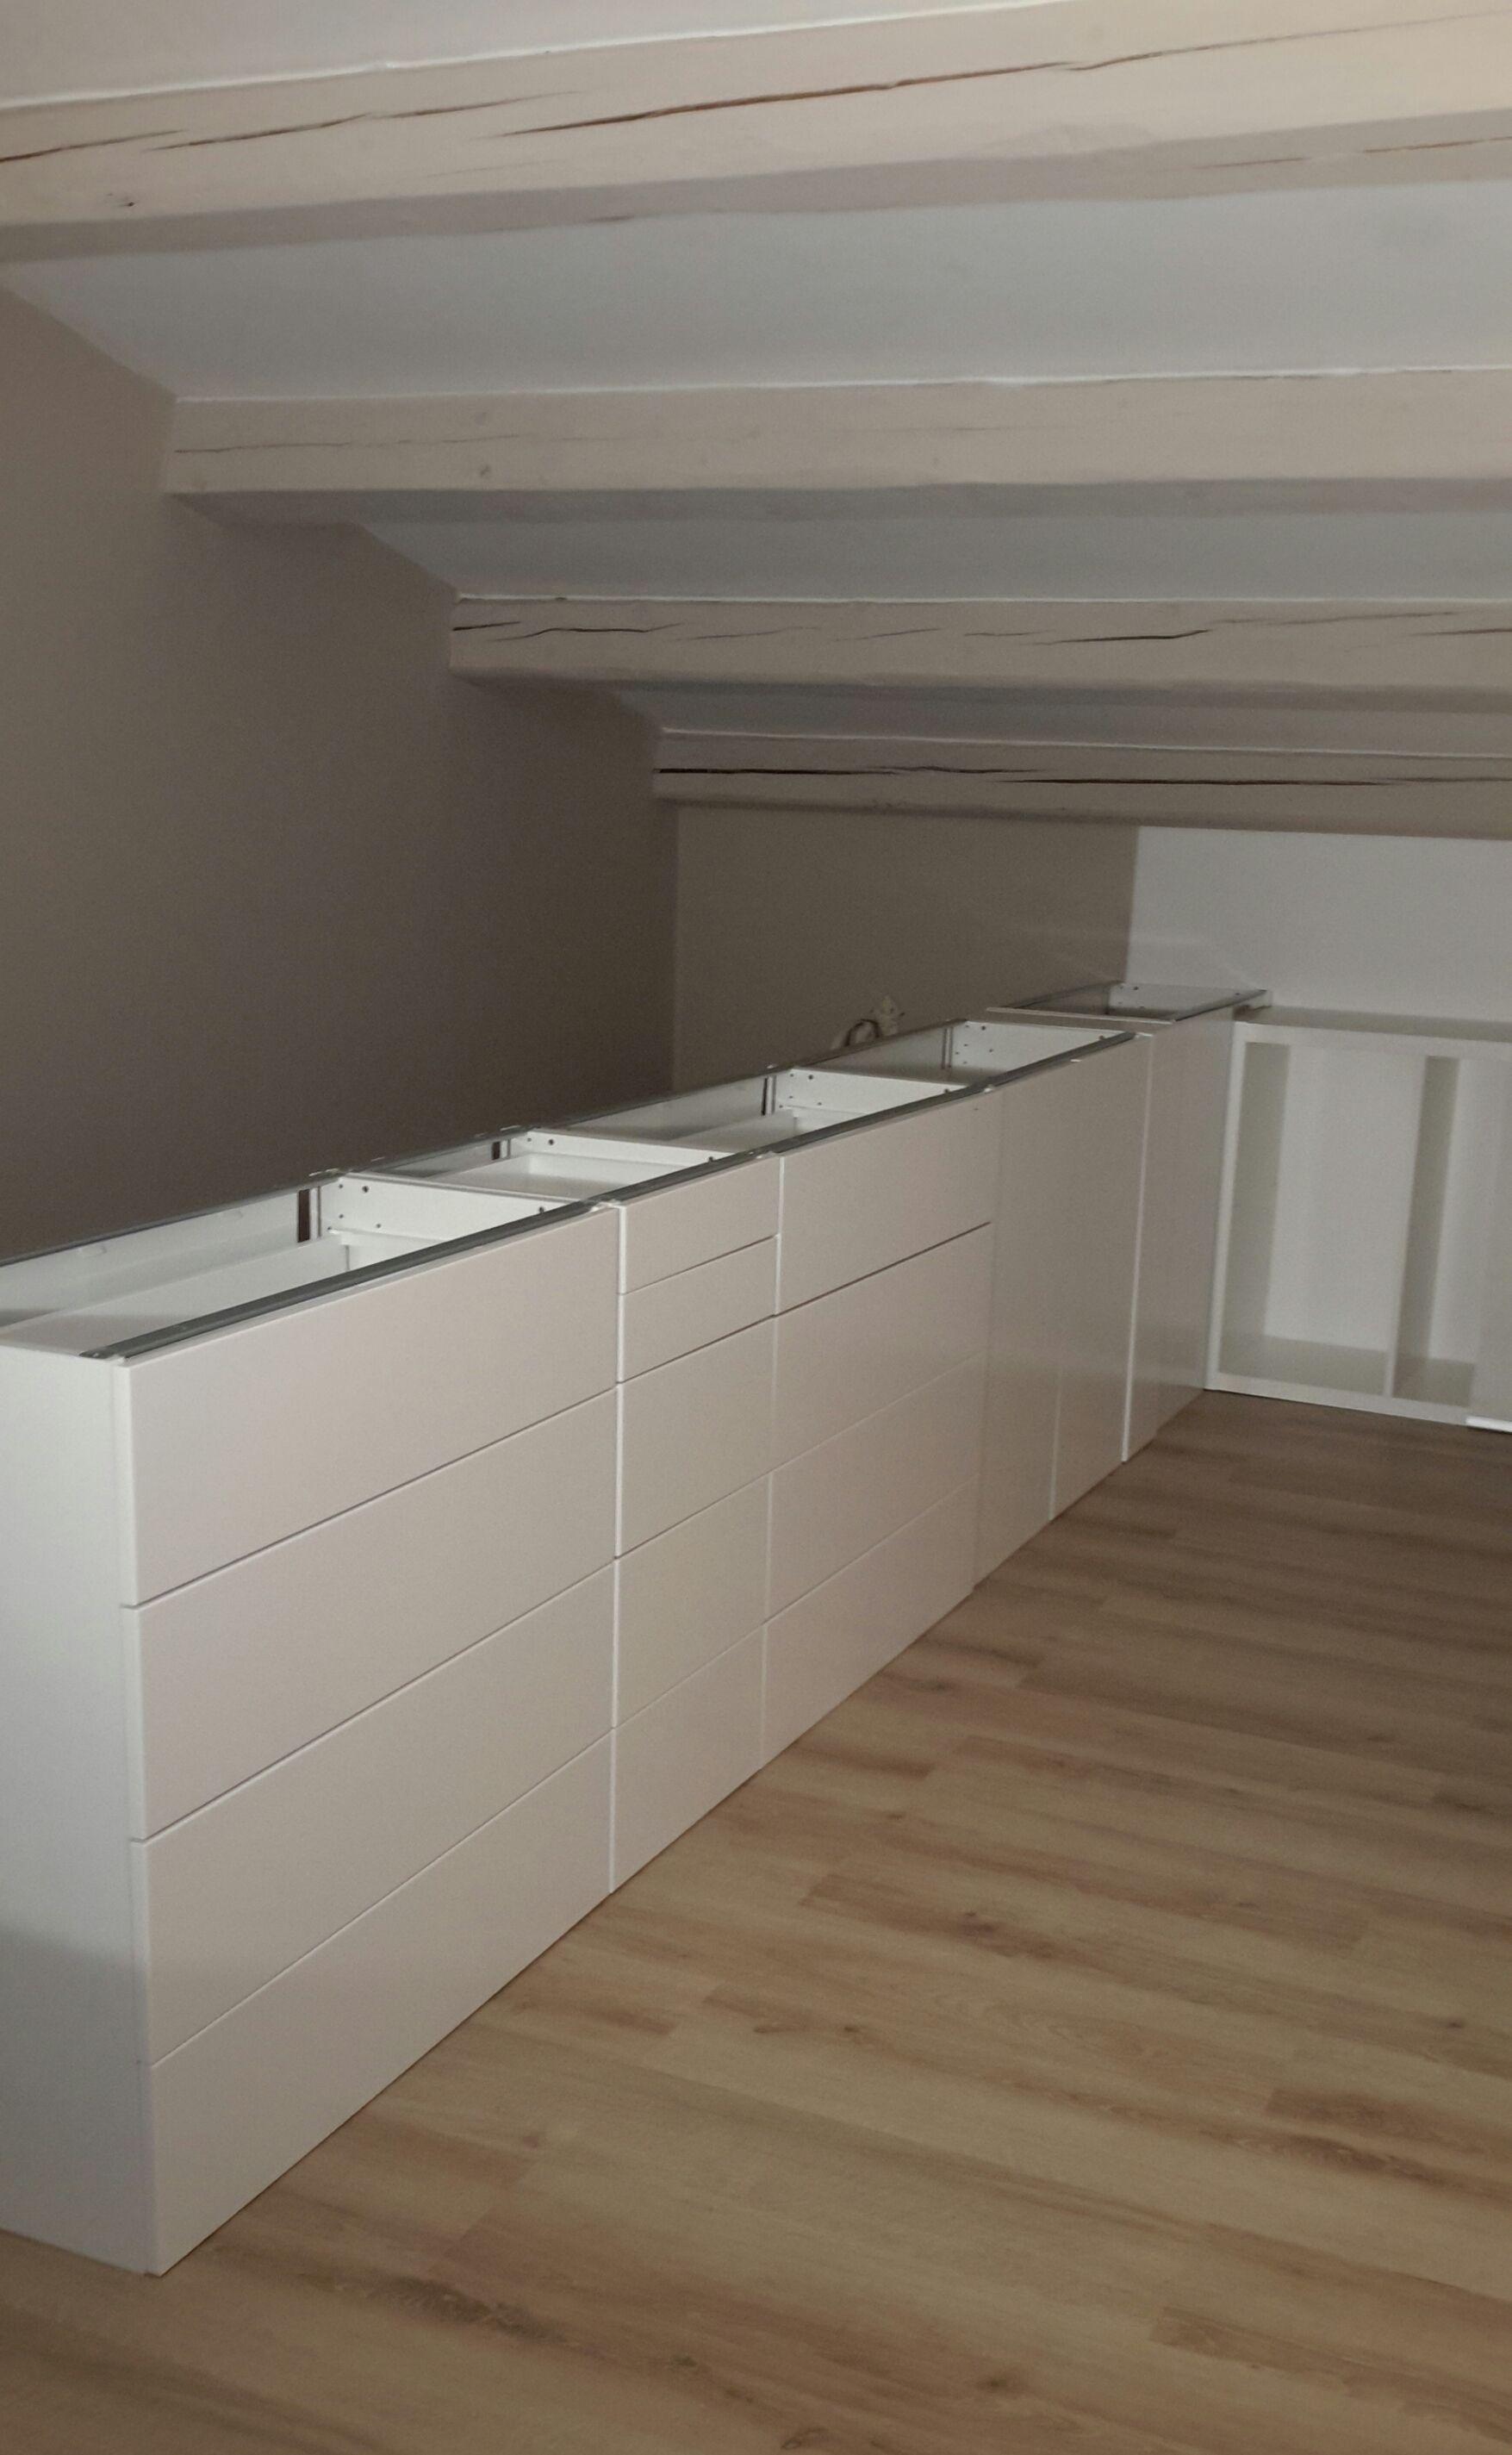 apres meubles de cuisine ikea 40 cm